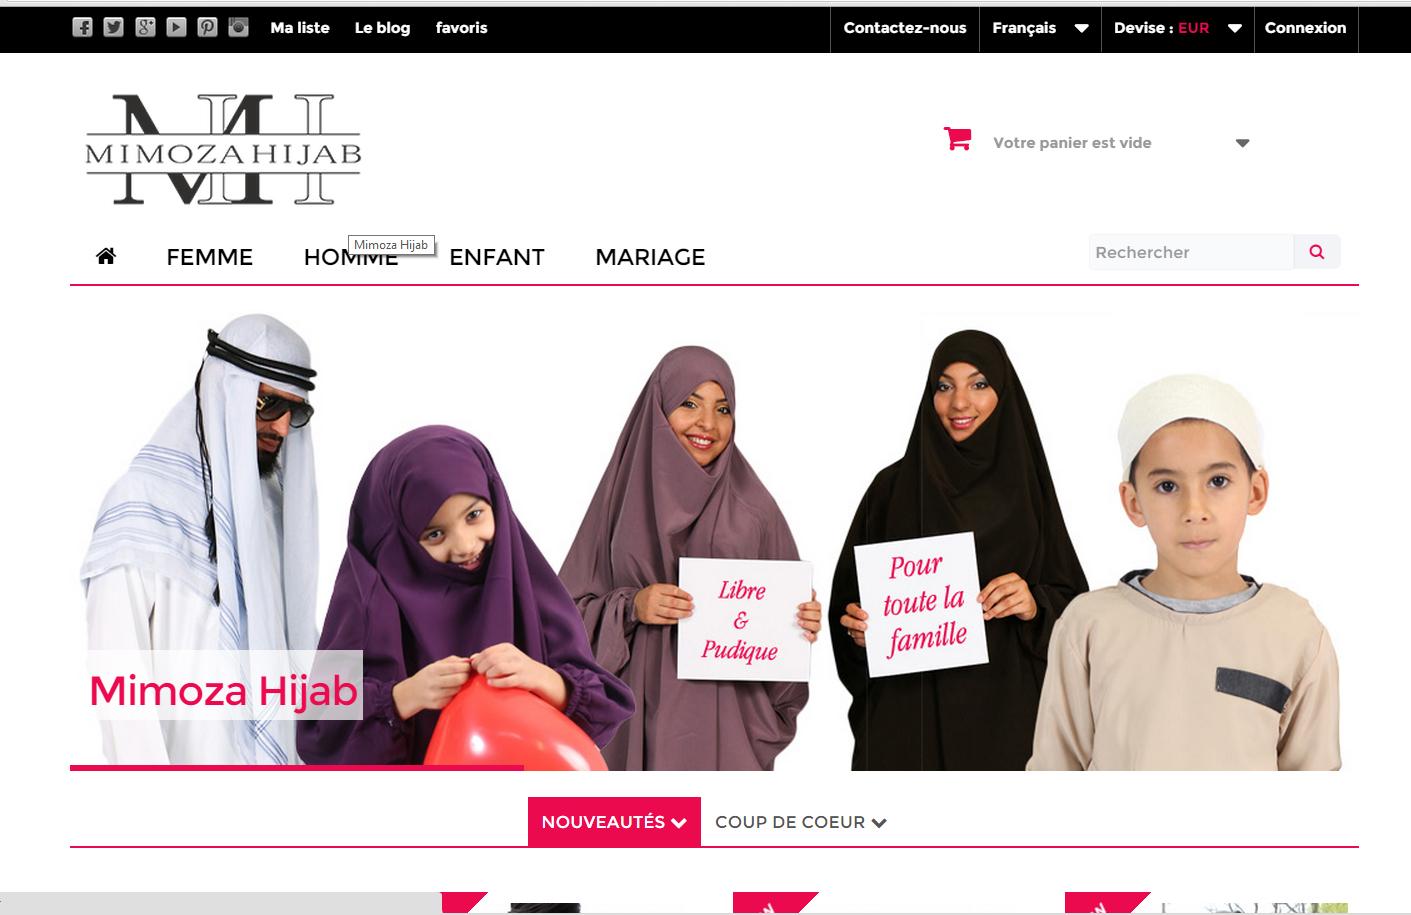 Mimoza Hijab